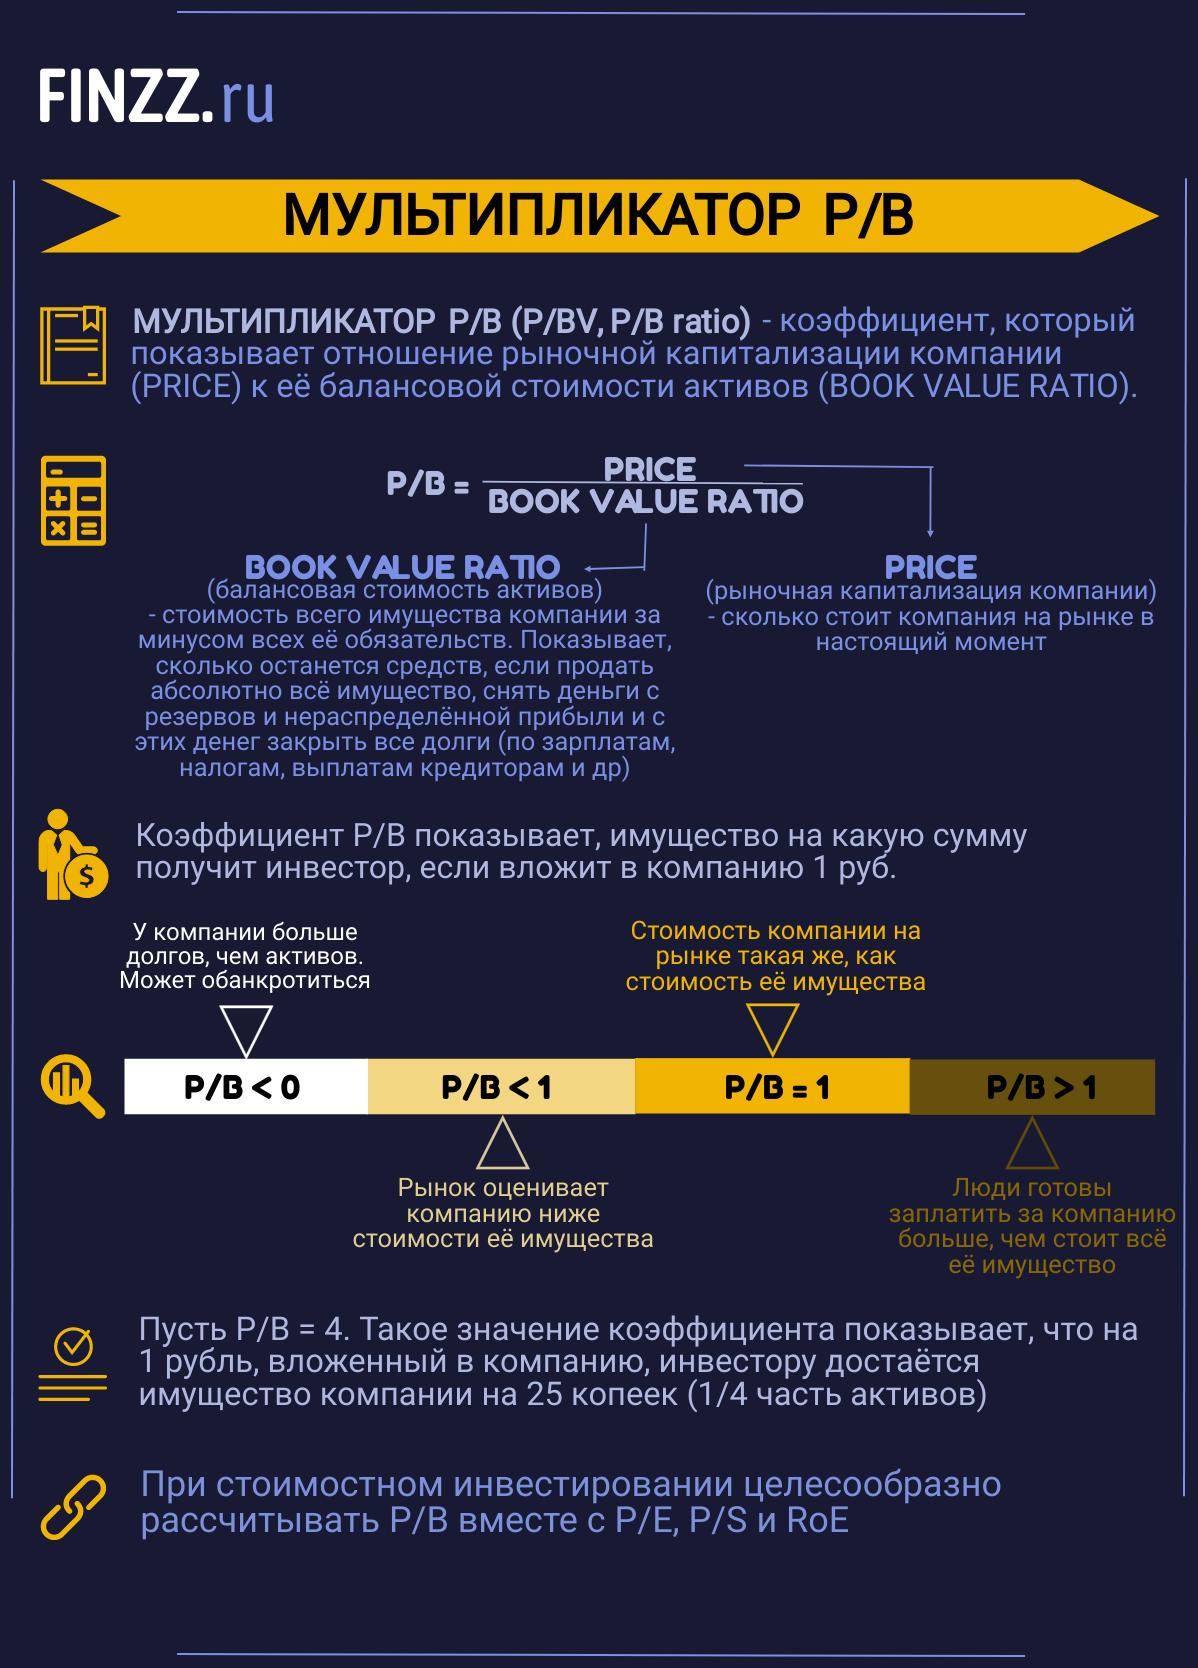 Инфографика Мультипликатор P/B